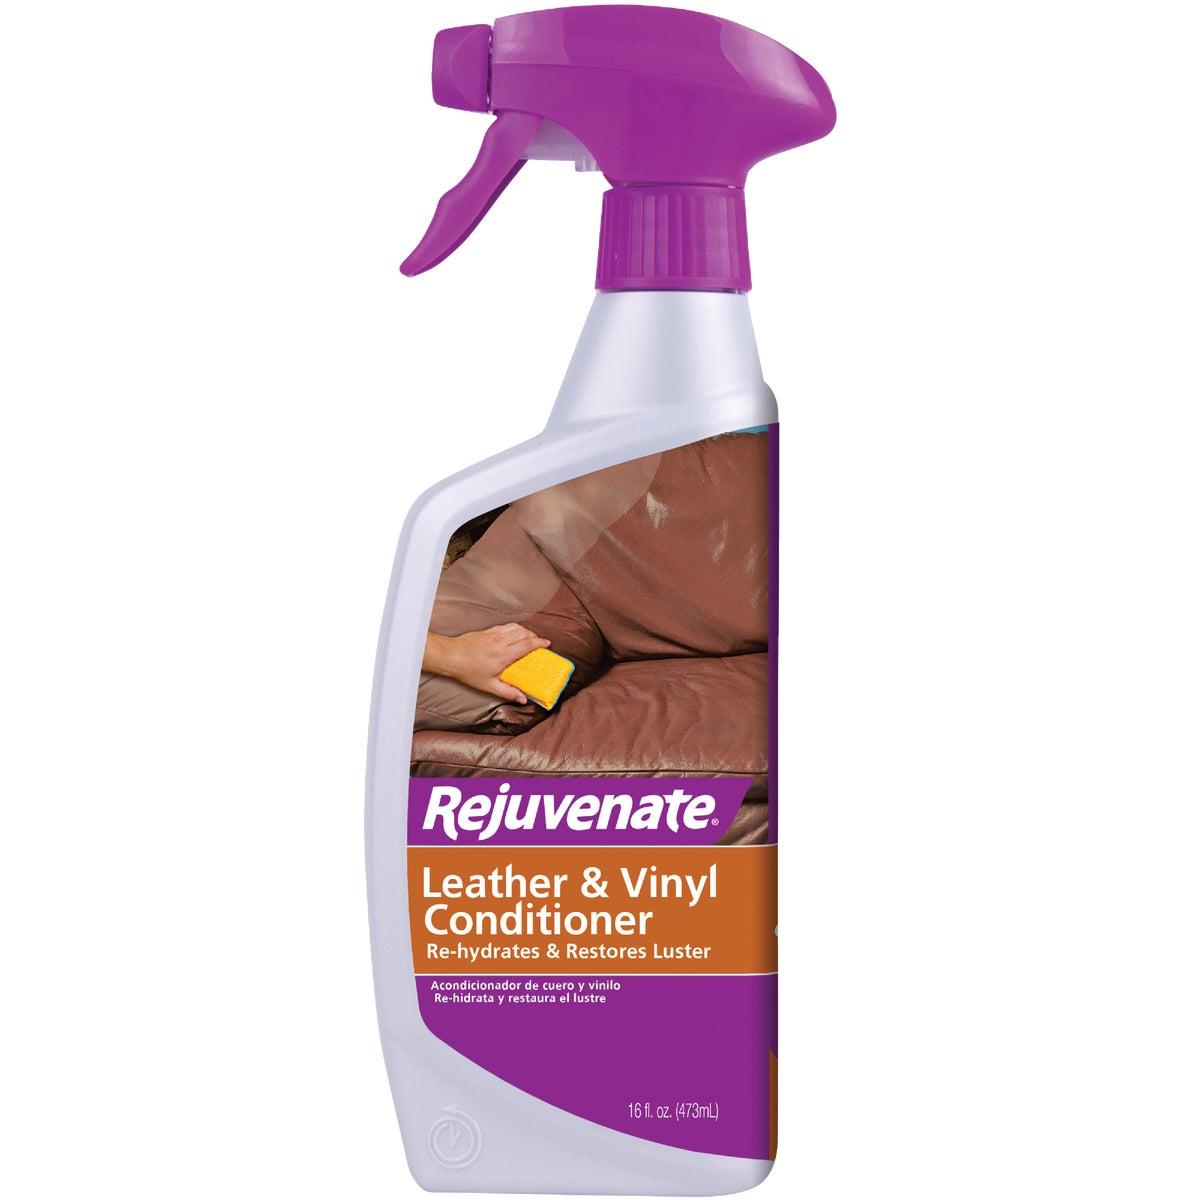 Rejuvenate Vinyl & Leather Care Conditioner, RJ16CD